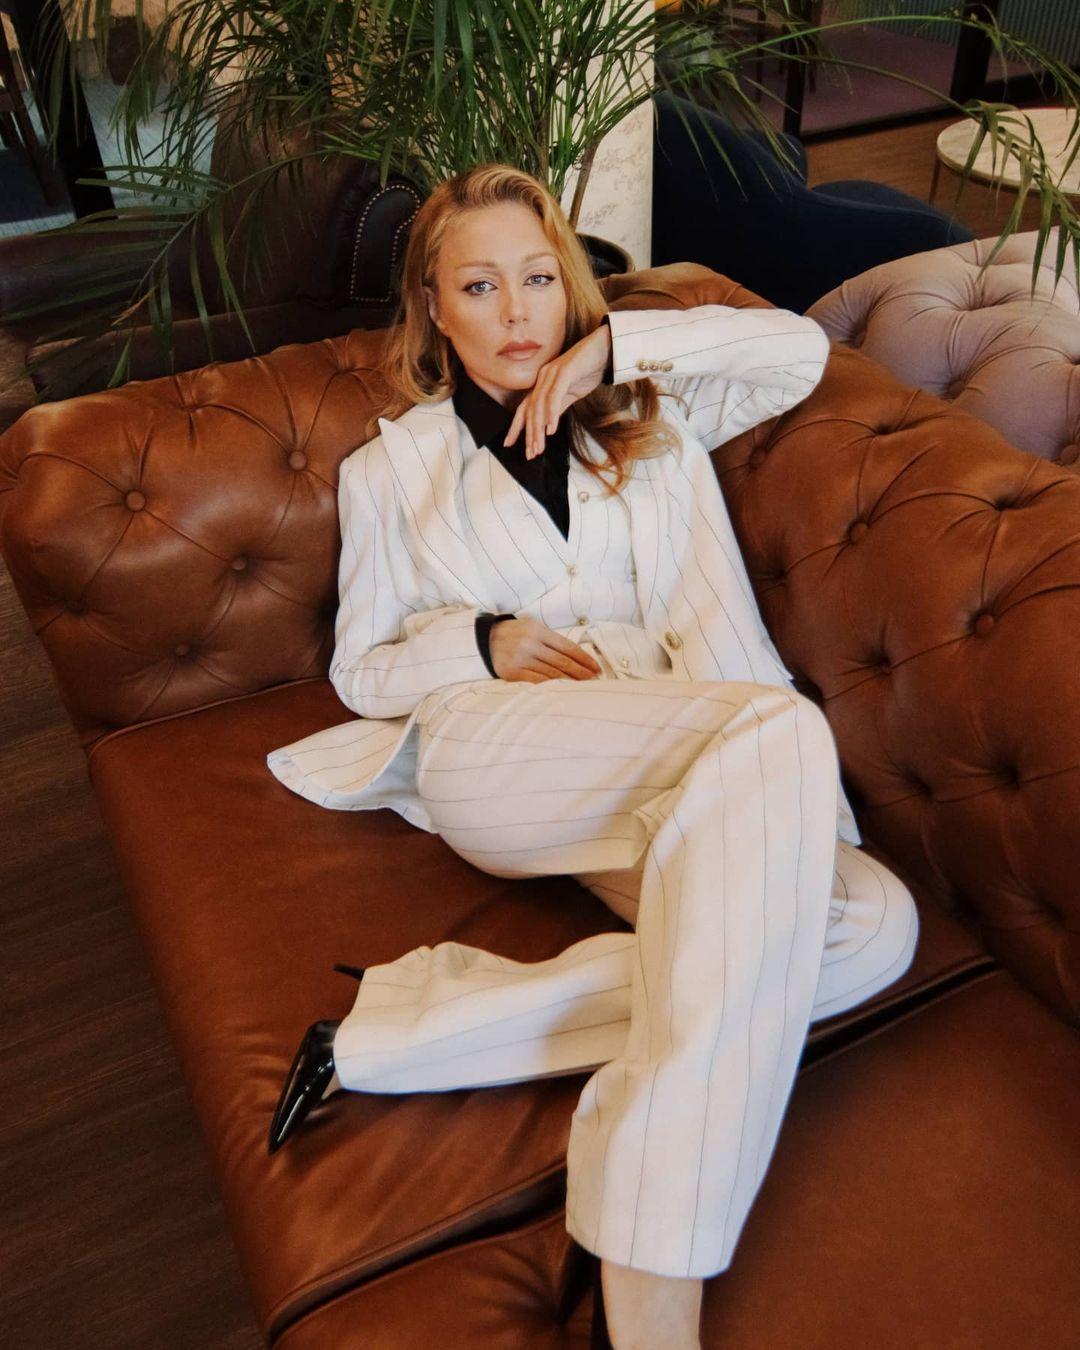 Тіна Кароль непристойно розвалилася на дивані, щоб привернути увагу до свого костюму: фото